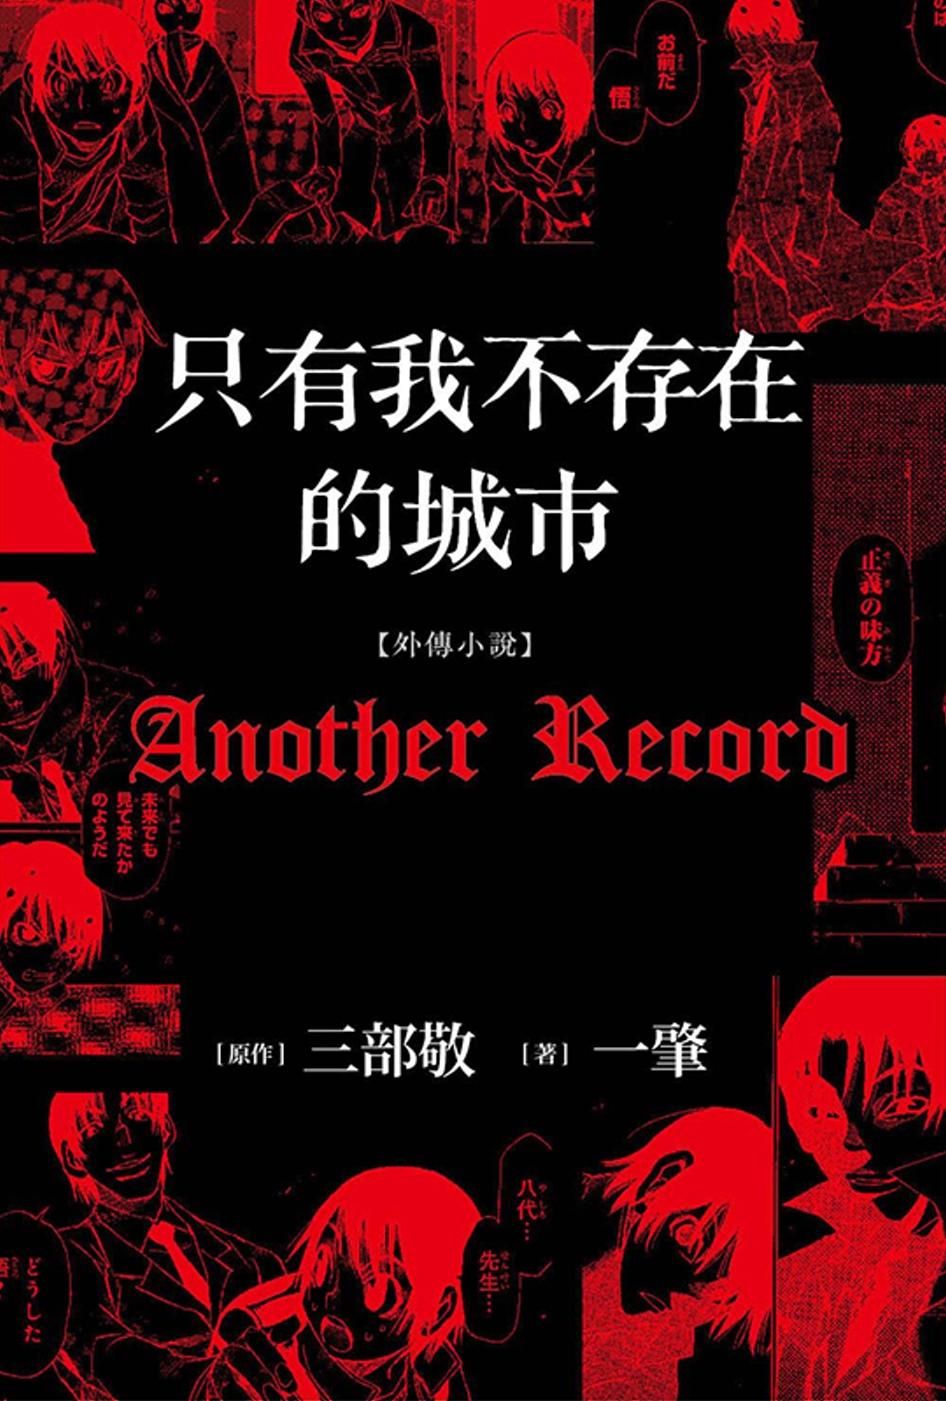 只有我不存在的城市【外傳小說】Another Record